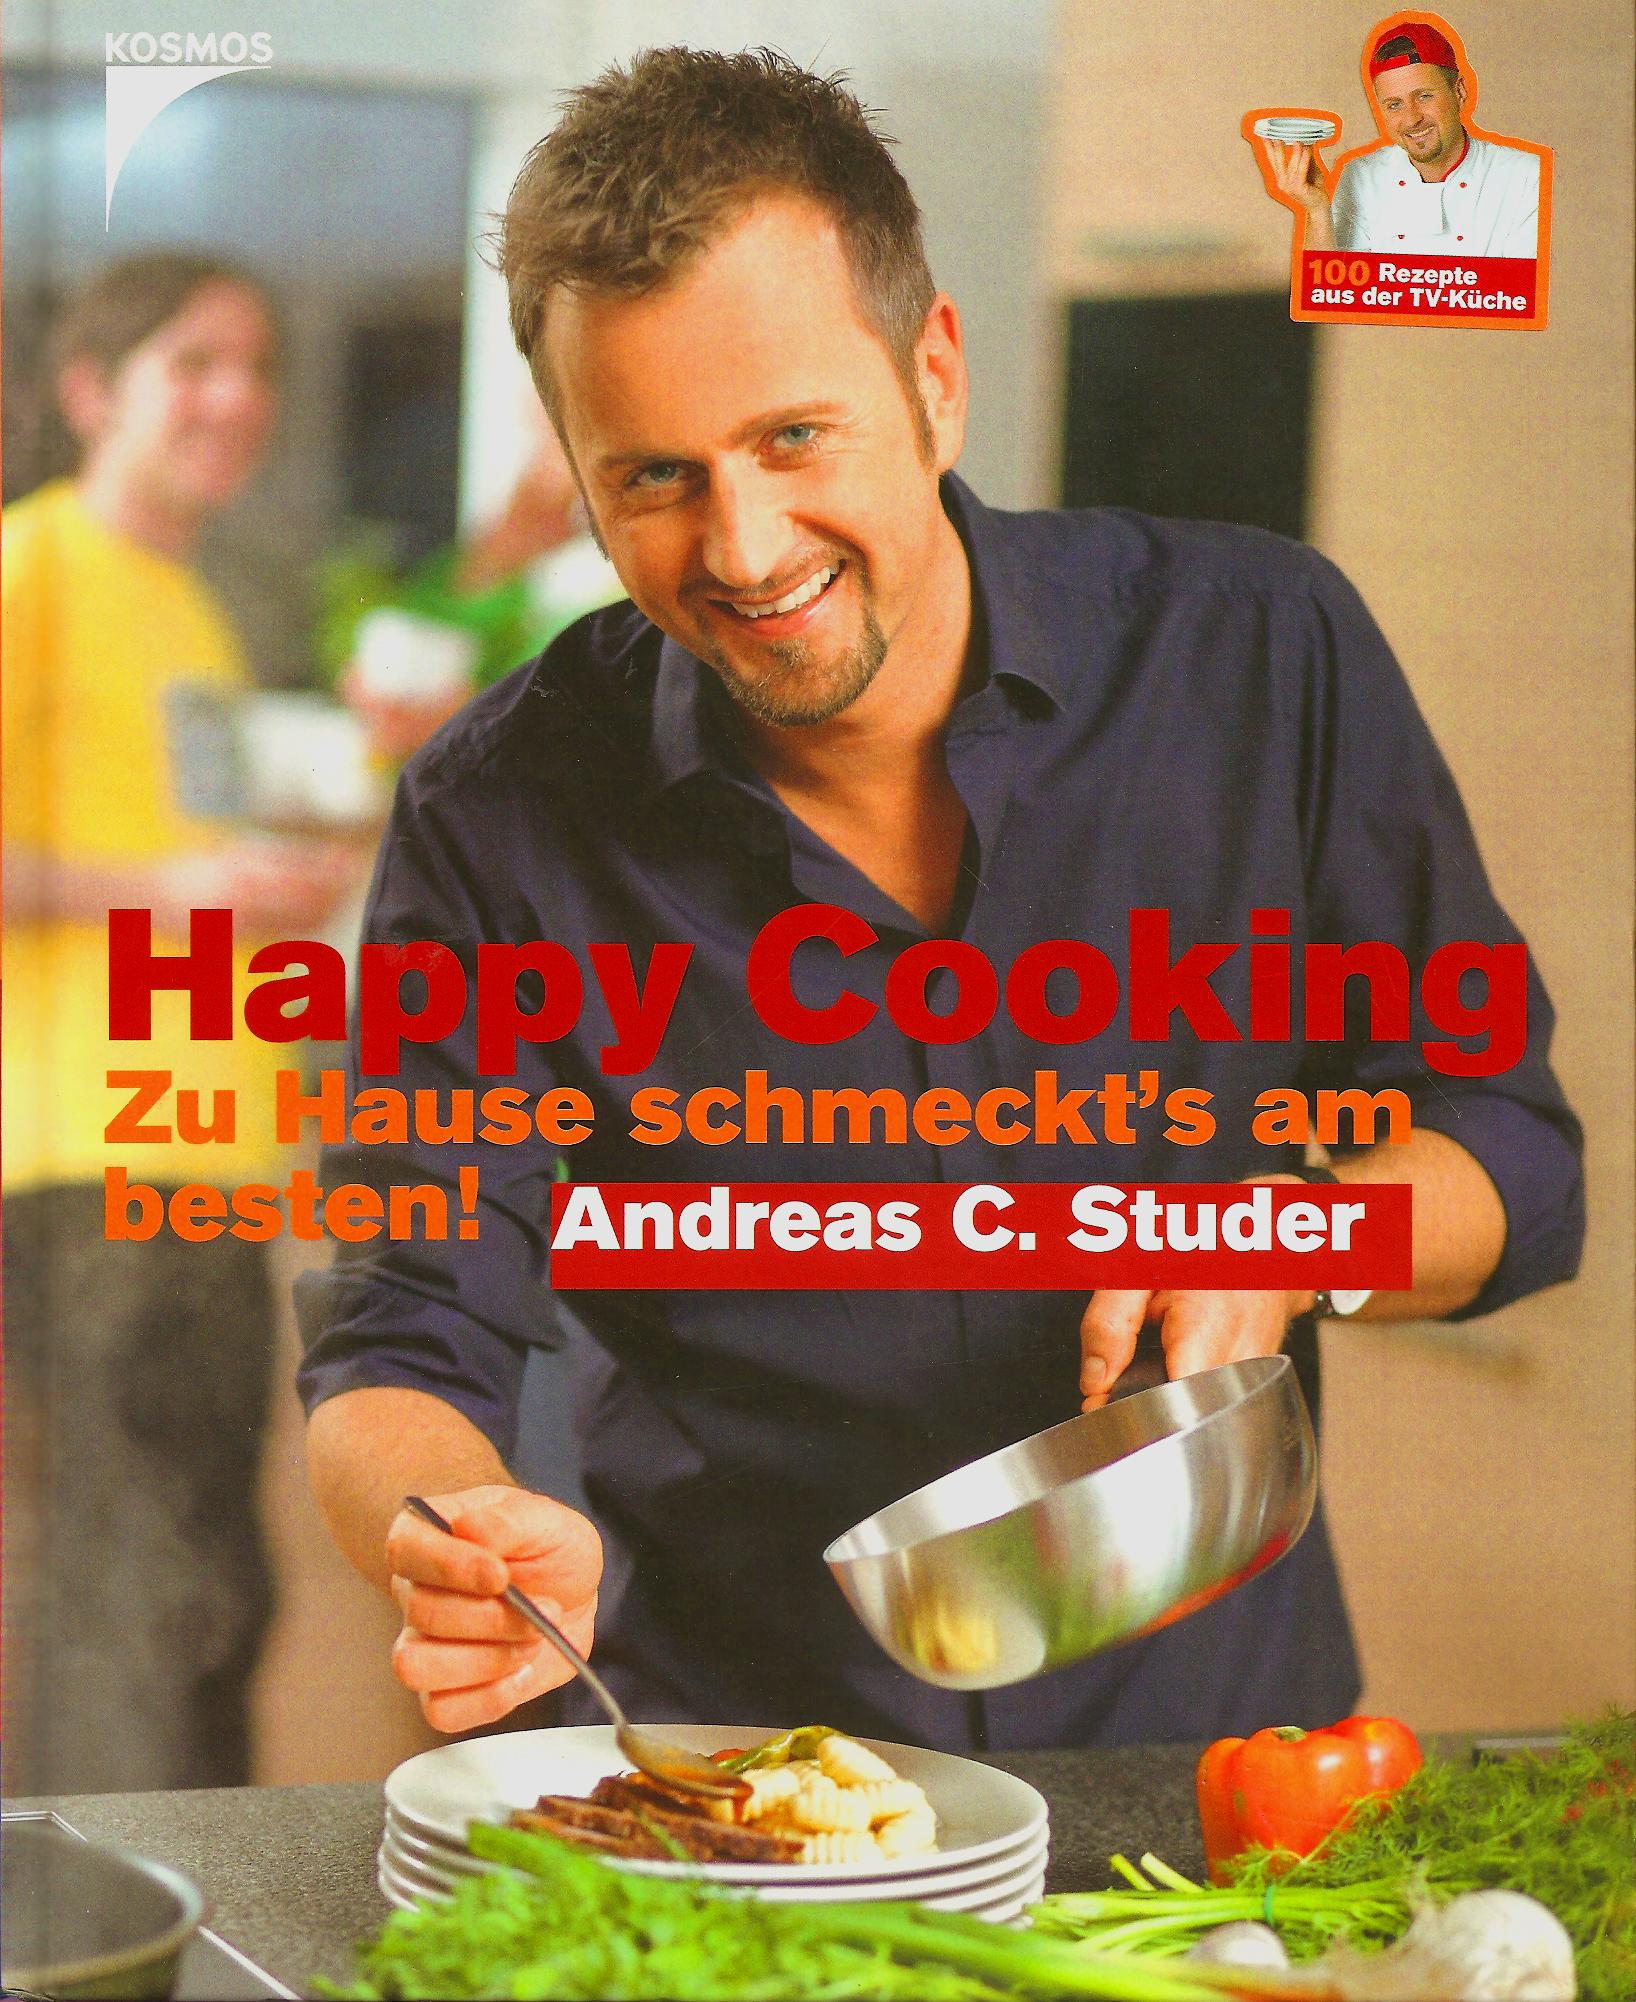 Happy Cooking - Zu Hause schmeckt's am besten! Franckh Kosmos Verlag. ISBN-13: 978-3440107331